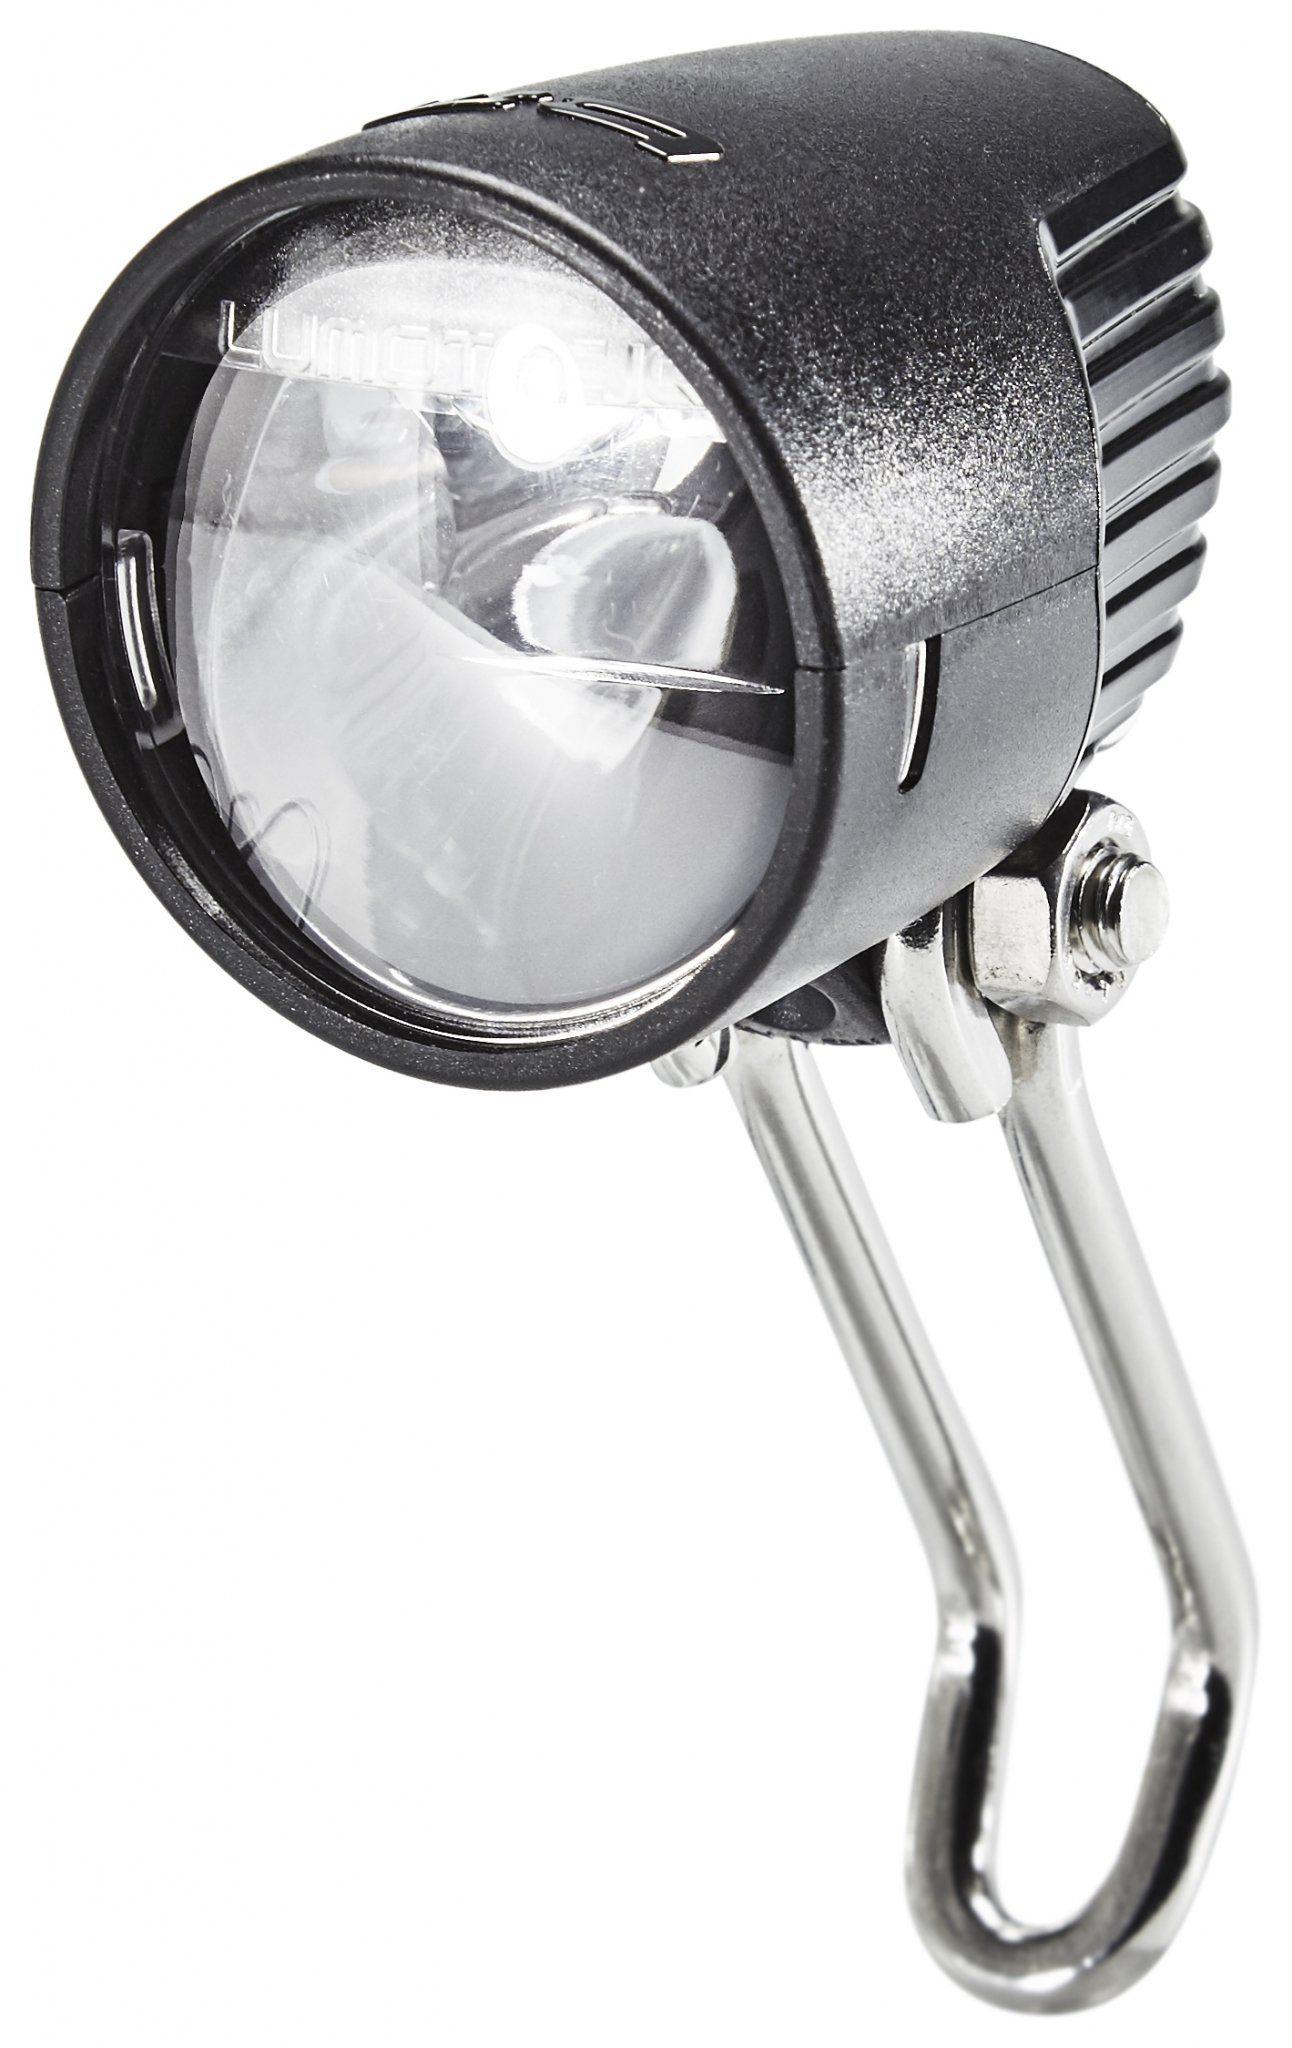 Busch + Müller Fahrradbeleuchtung »Lumotec IQ OneFive Dynamo-Frontscheinwerfer«